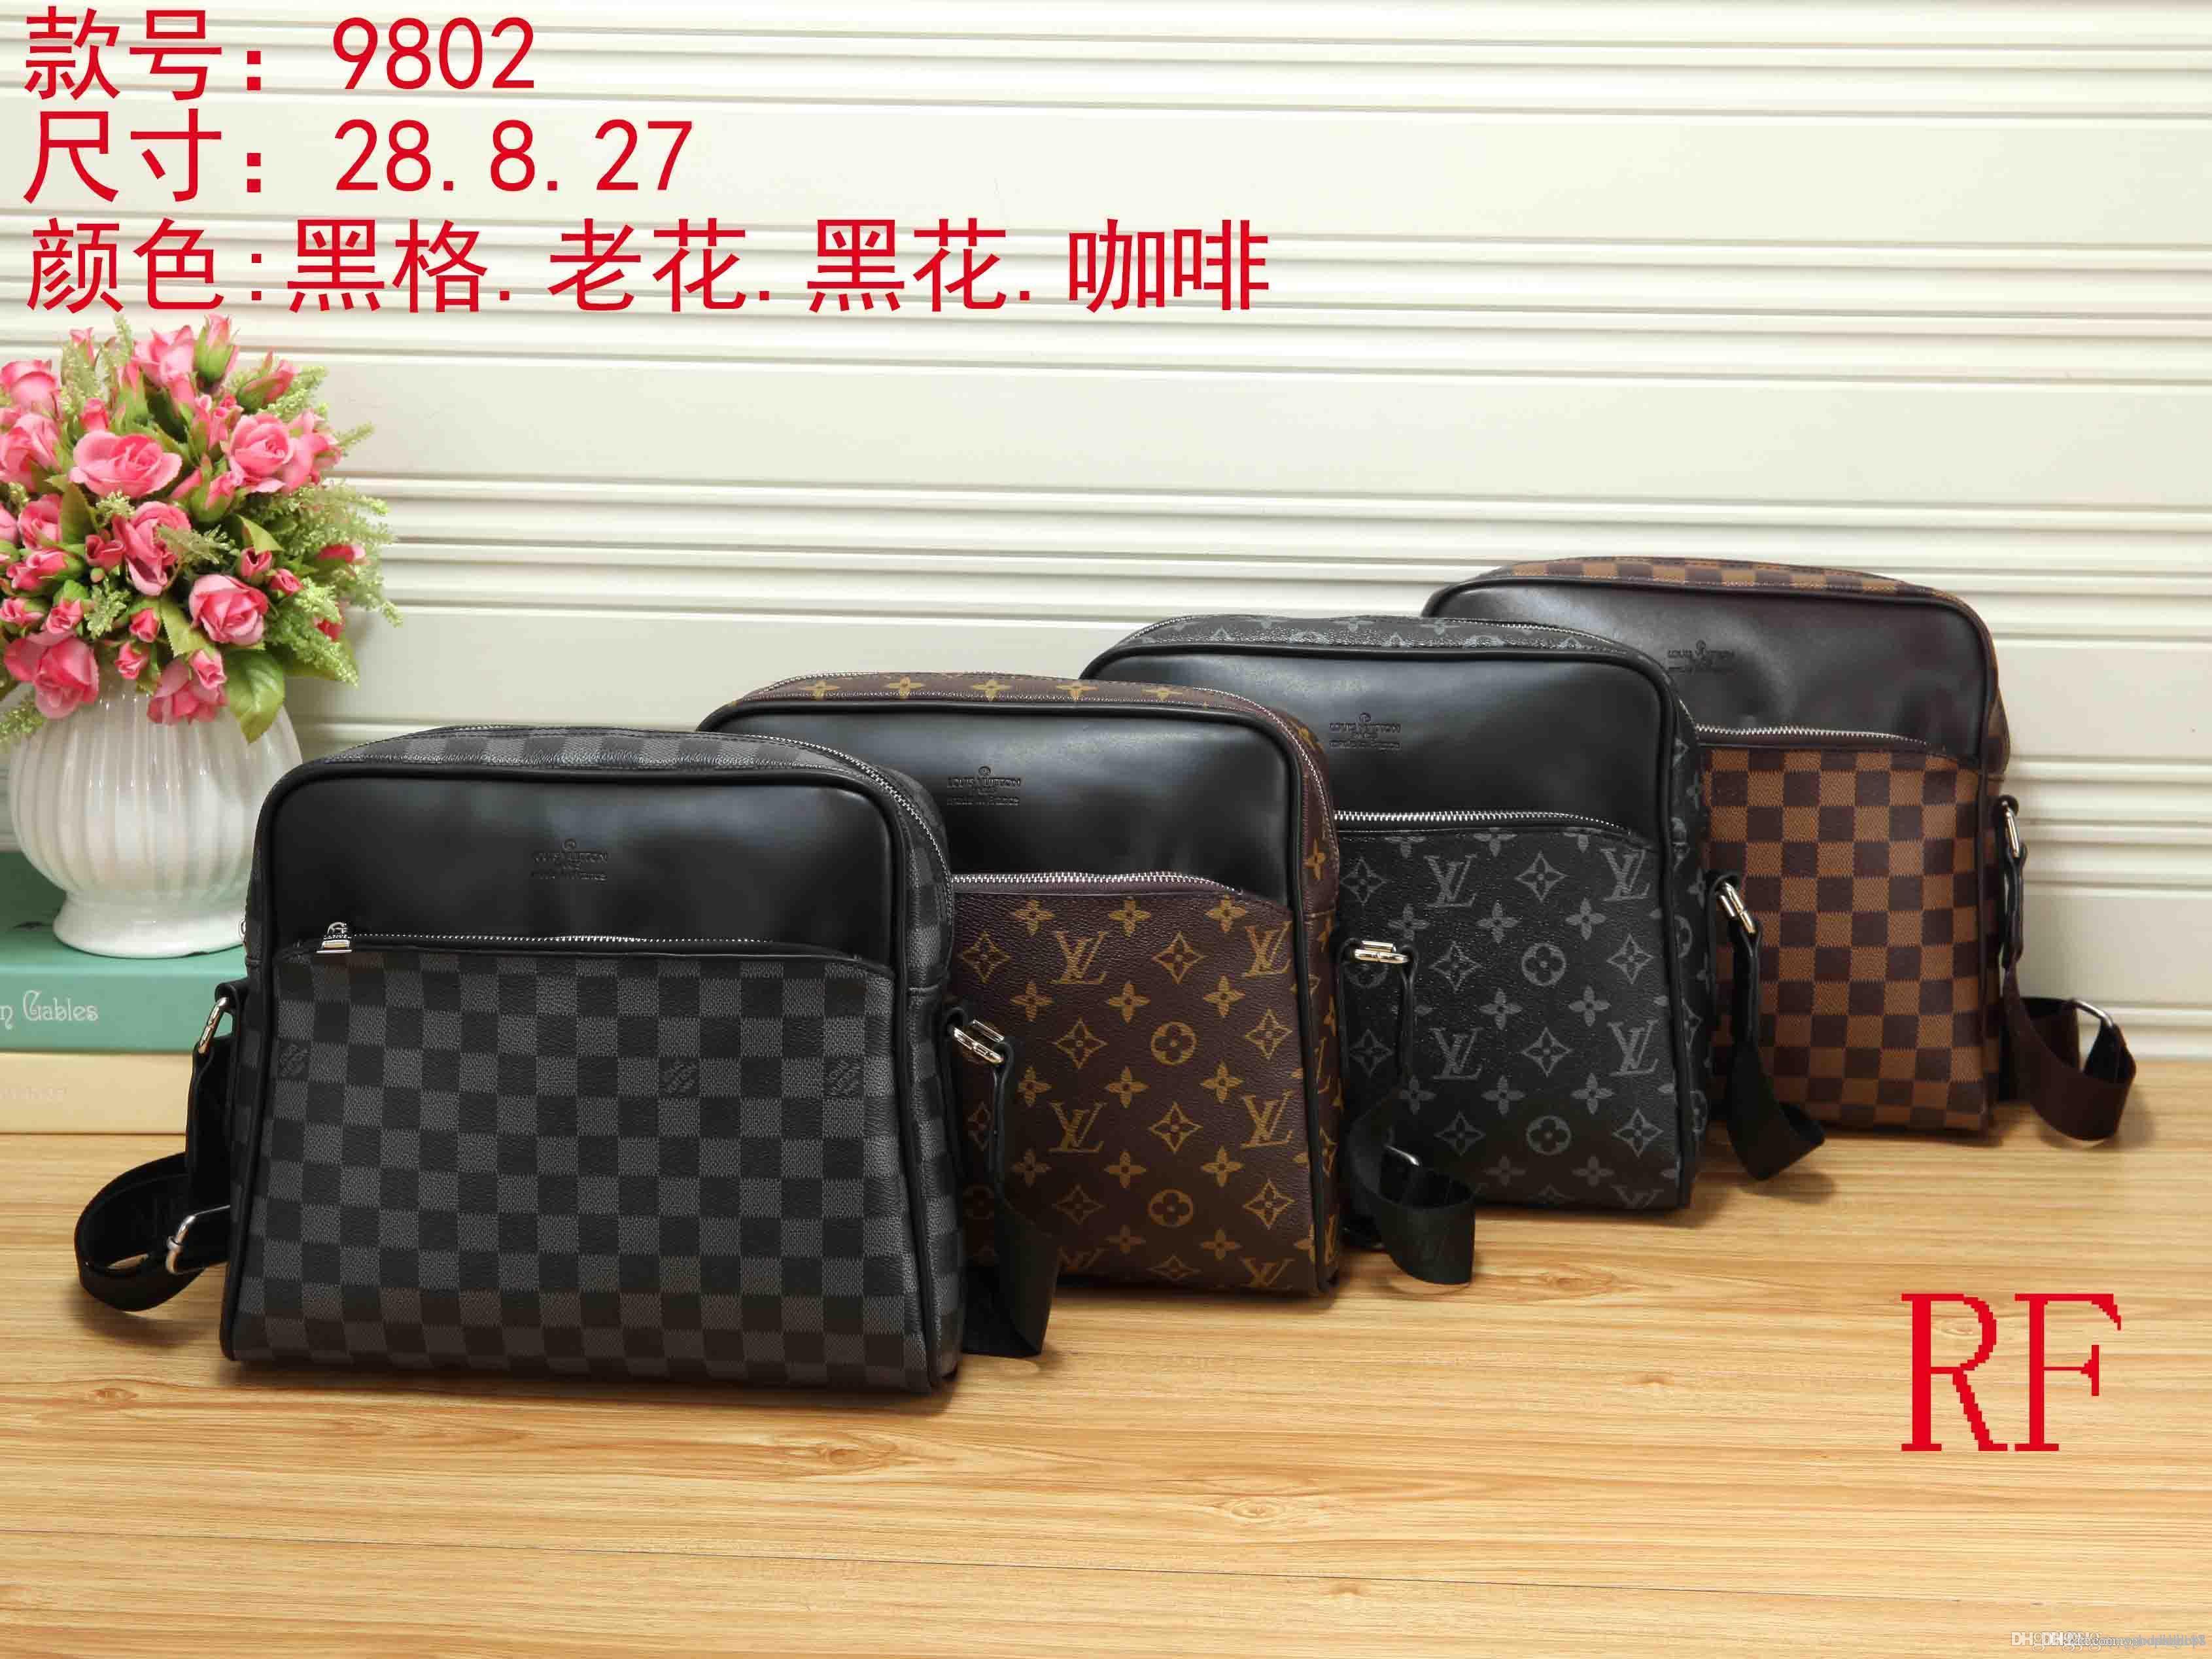 LL 9802 NOUVEAUX Mode Sacs à main pour dames sacs femmes sac fourre-tout sac à dos sac à bandoulière unique sac BVFG